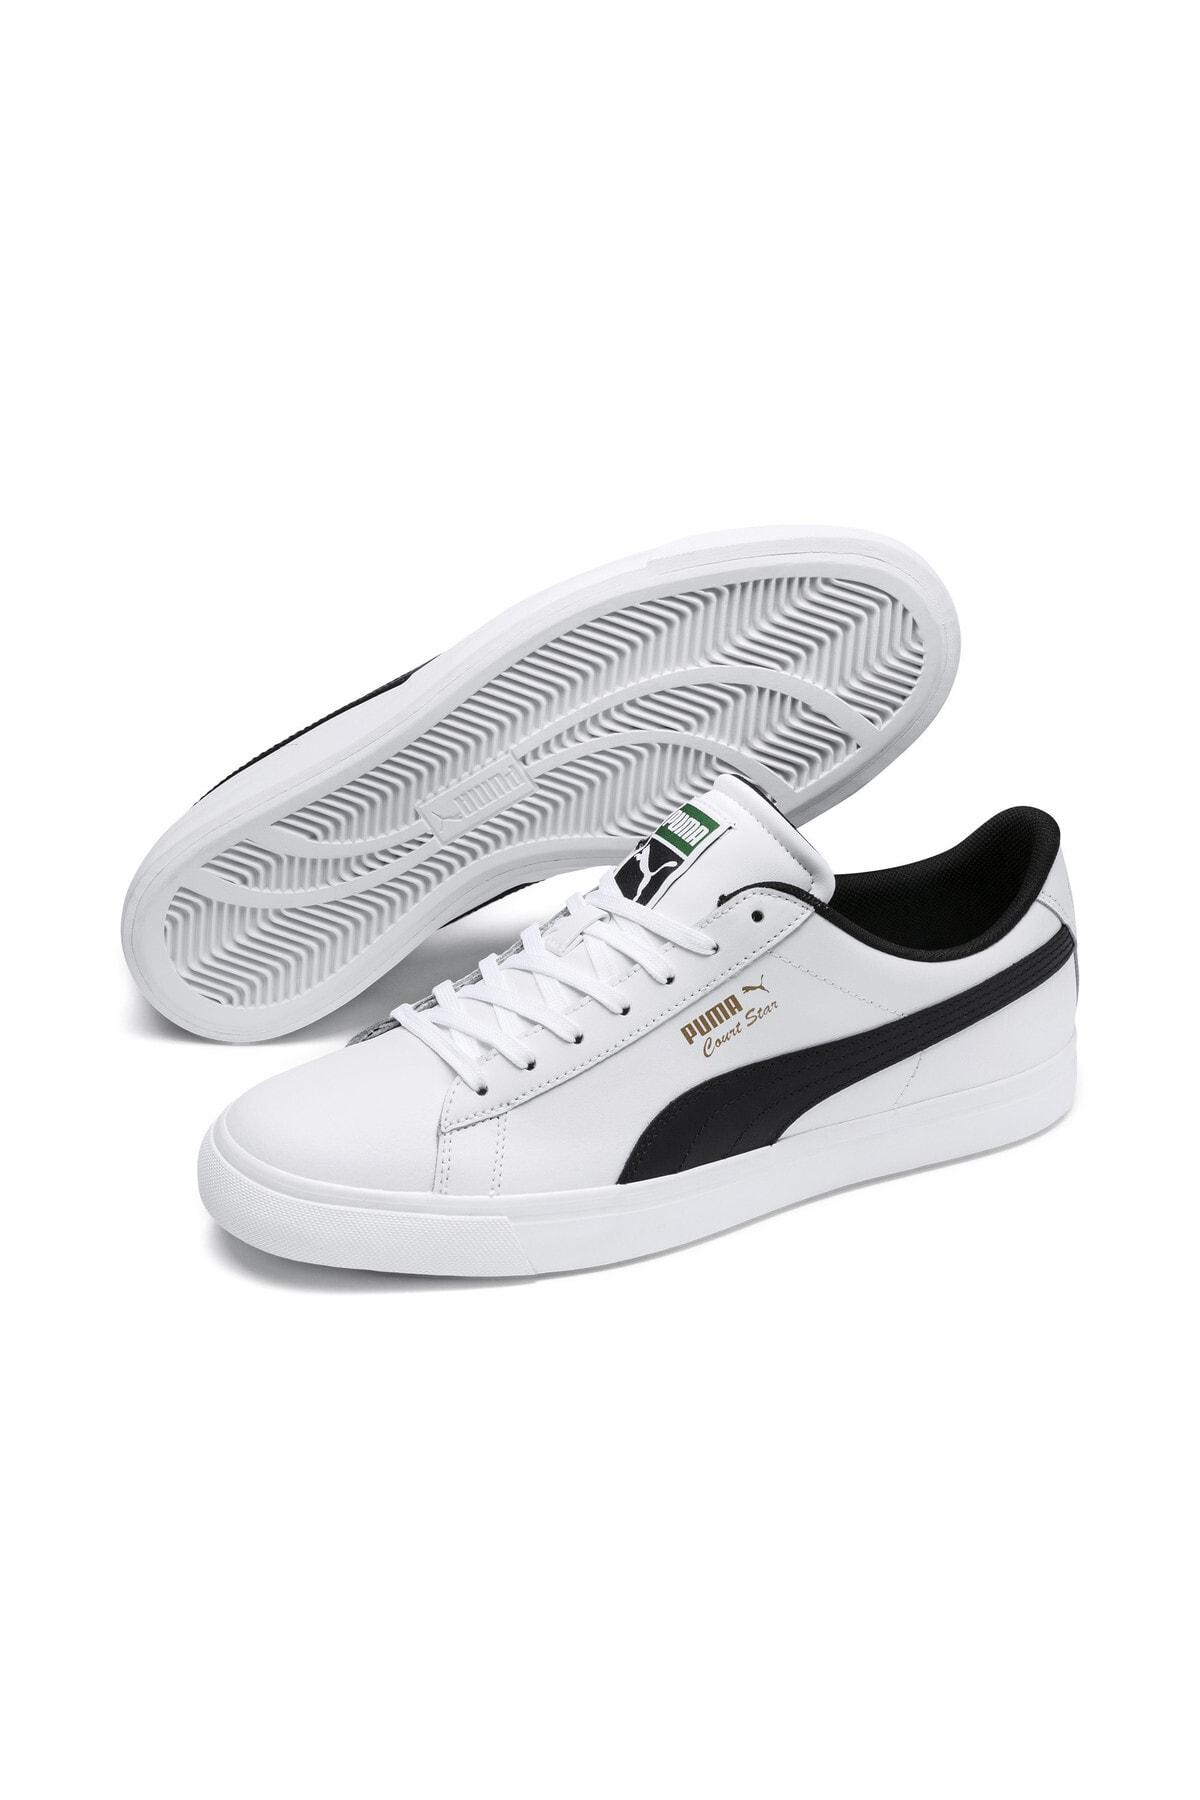 Unisex Sneaker - COURT Star Vulc FS - 36928702